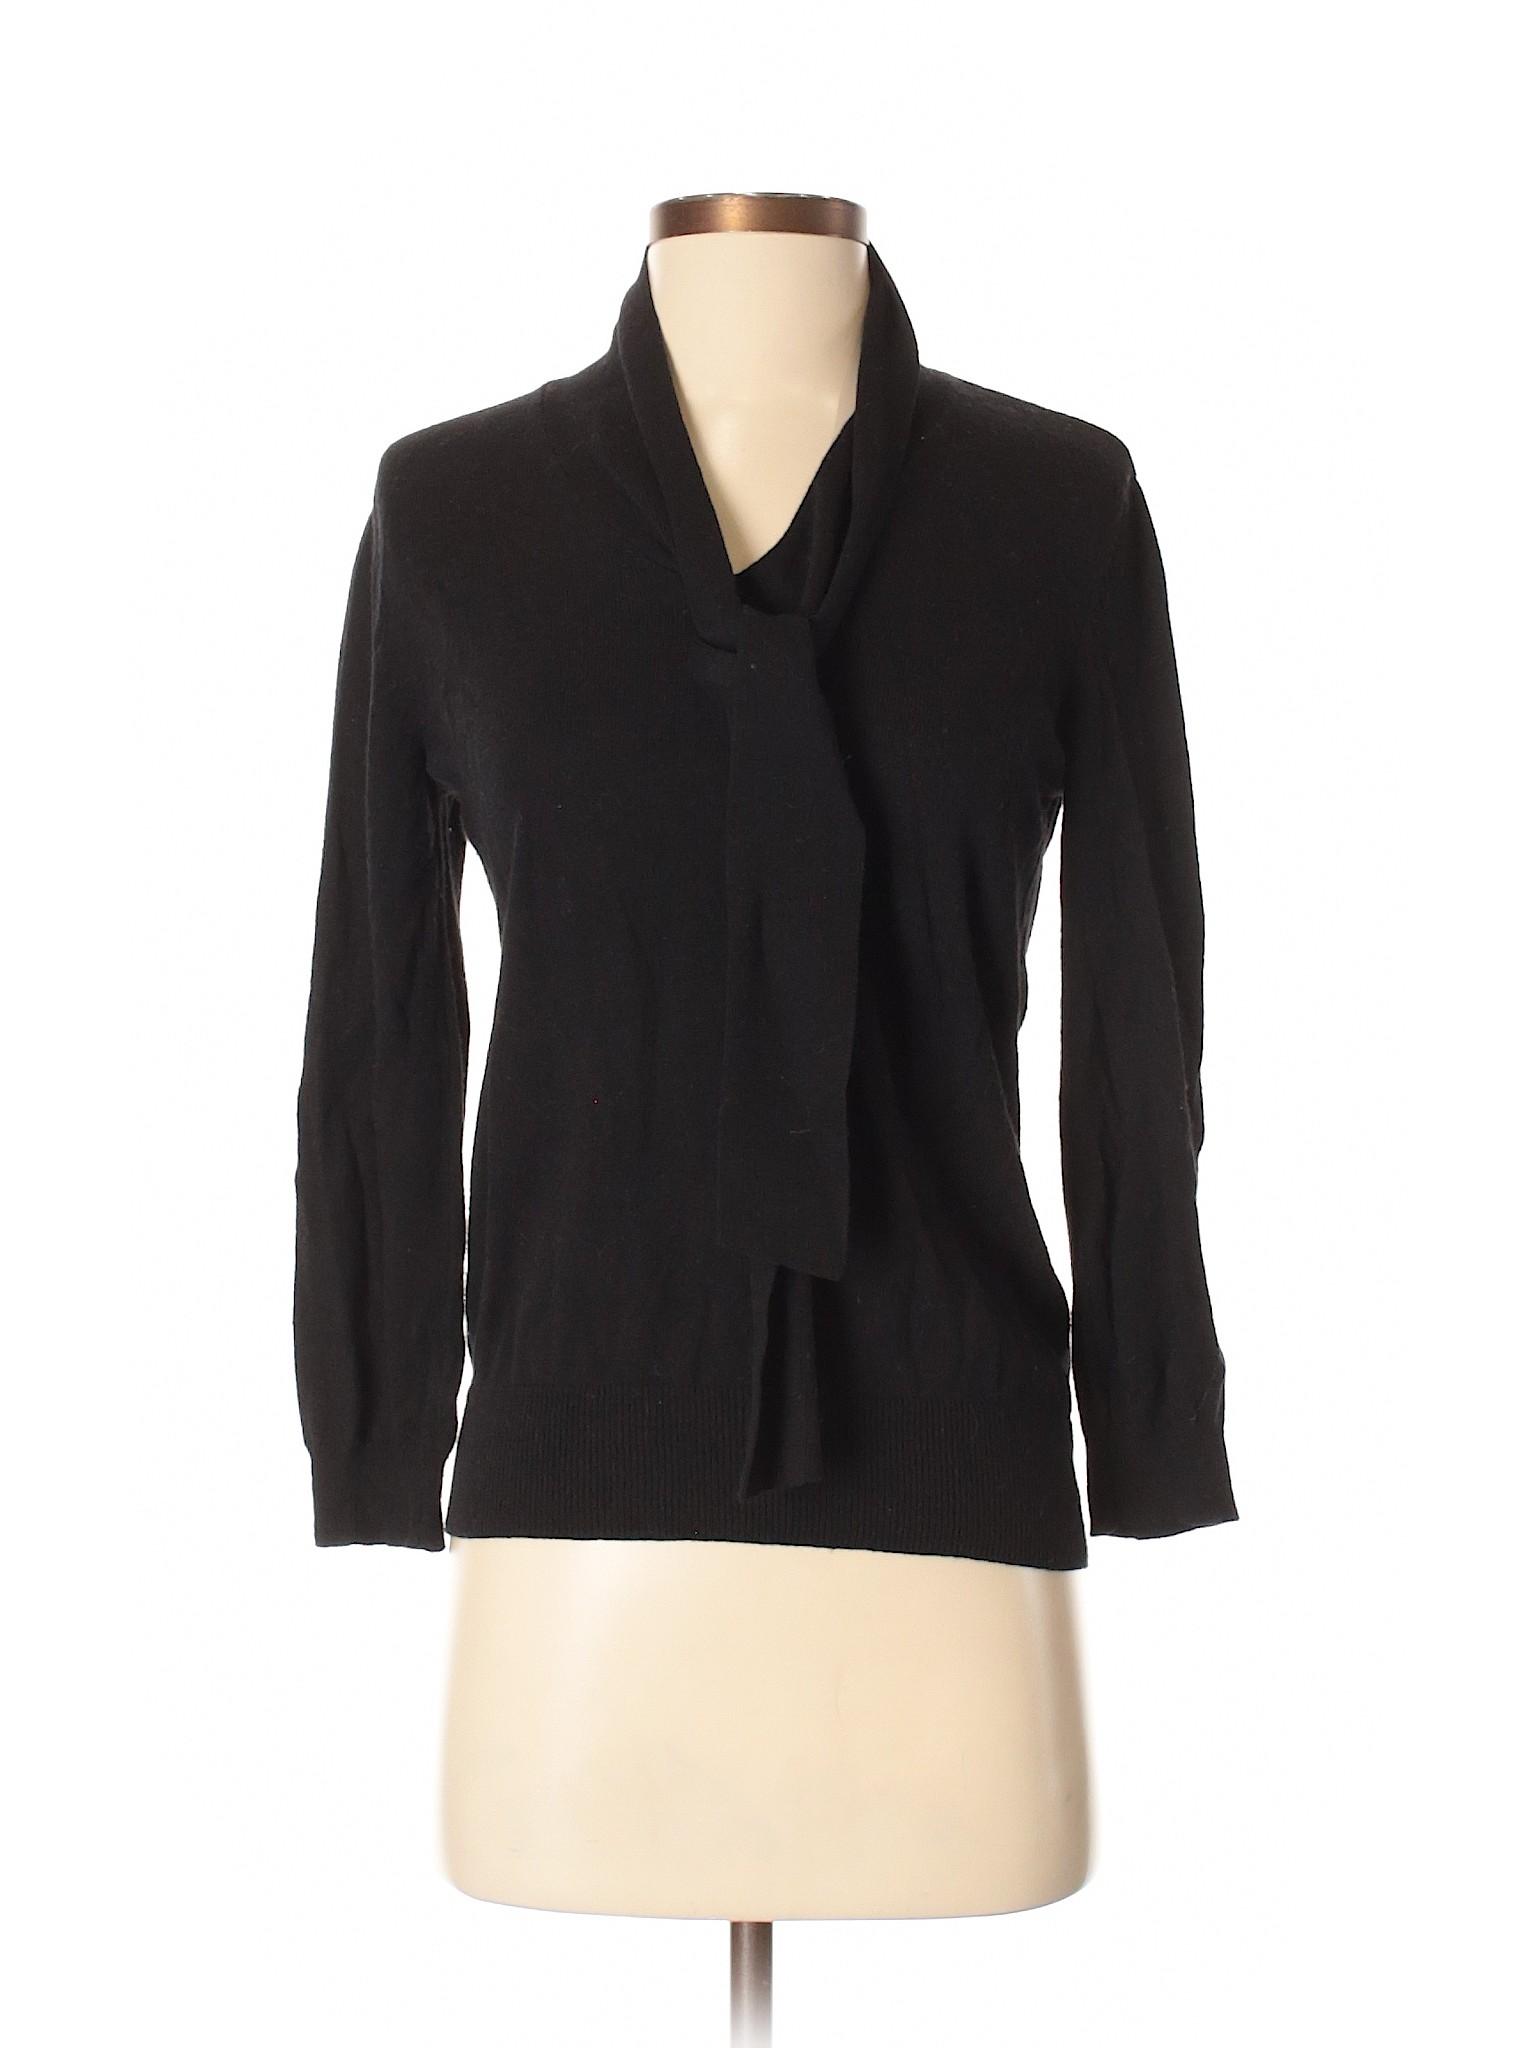 Sweater Sweater Covington Pullover Boutique Boutique Pullover Boutique Covington pvq0txtTw